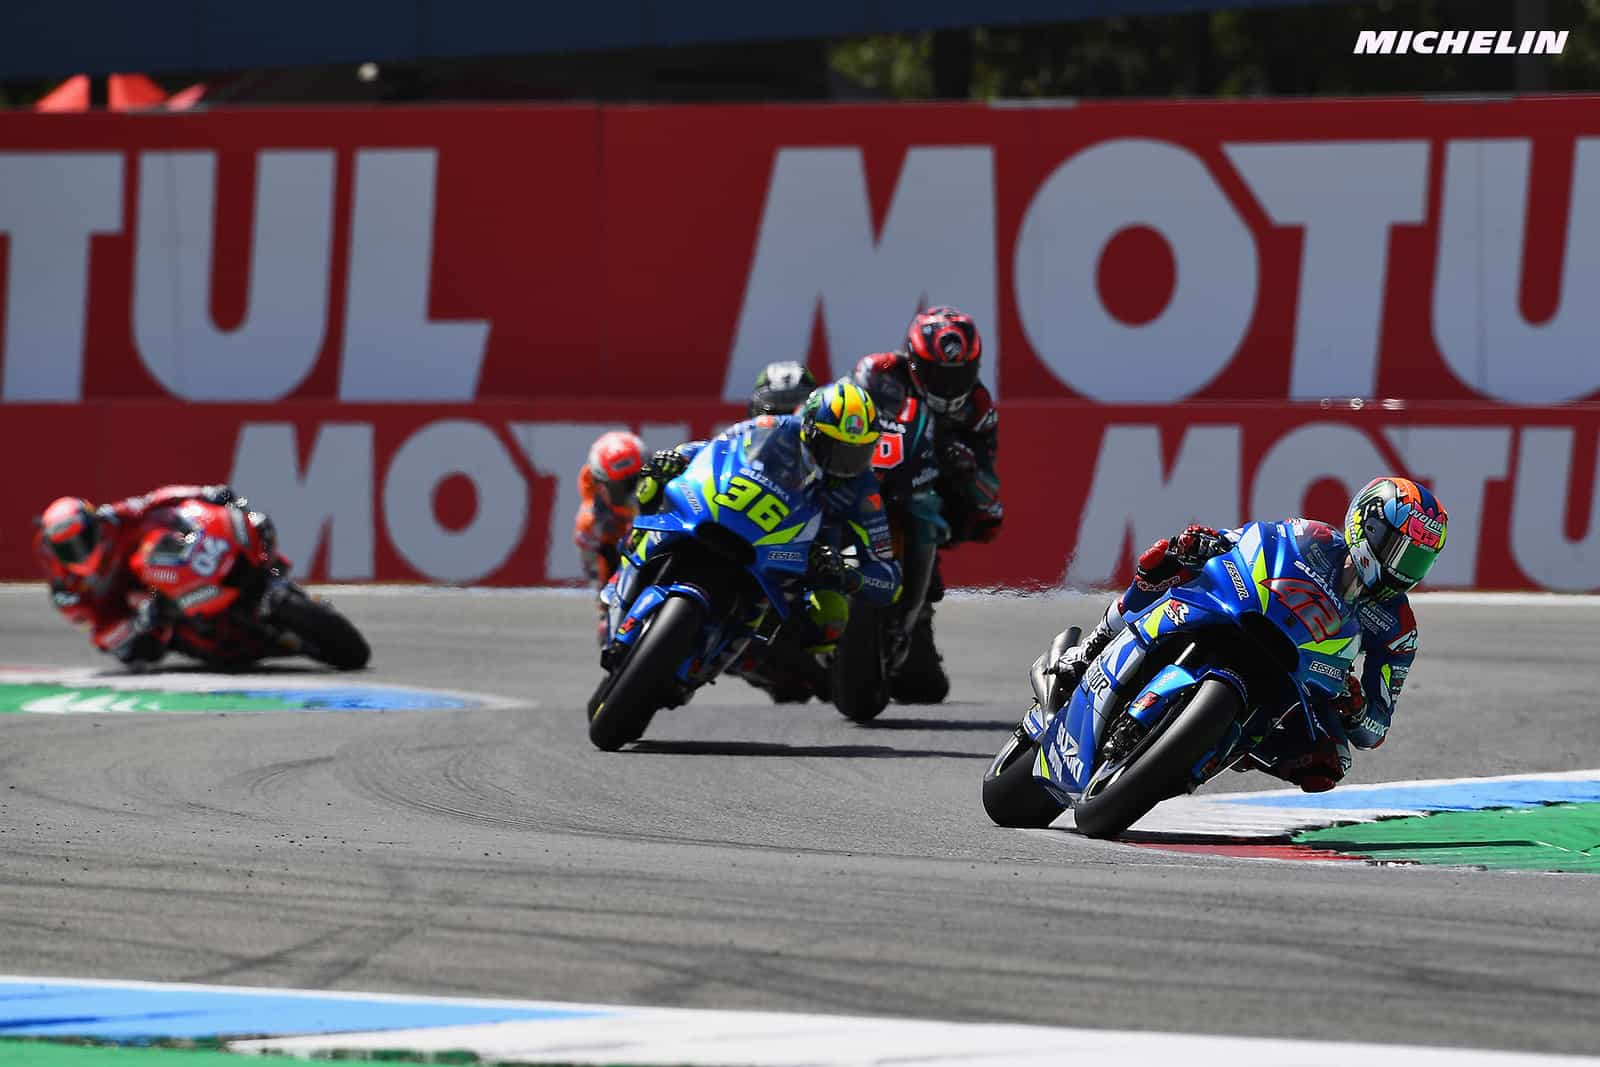 MotoGP2019オランダGP リンス「ブレーキングでフロントがロックしてしまった」